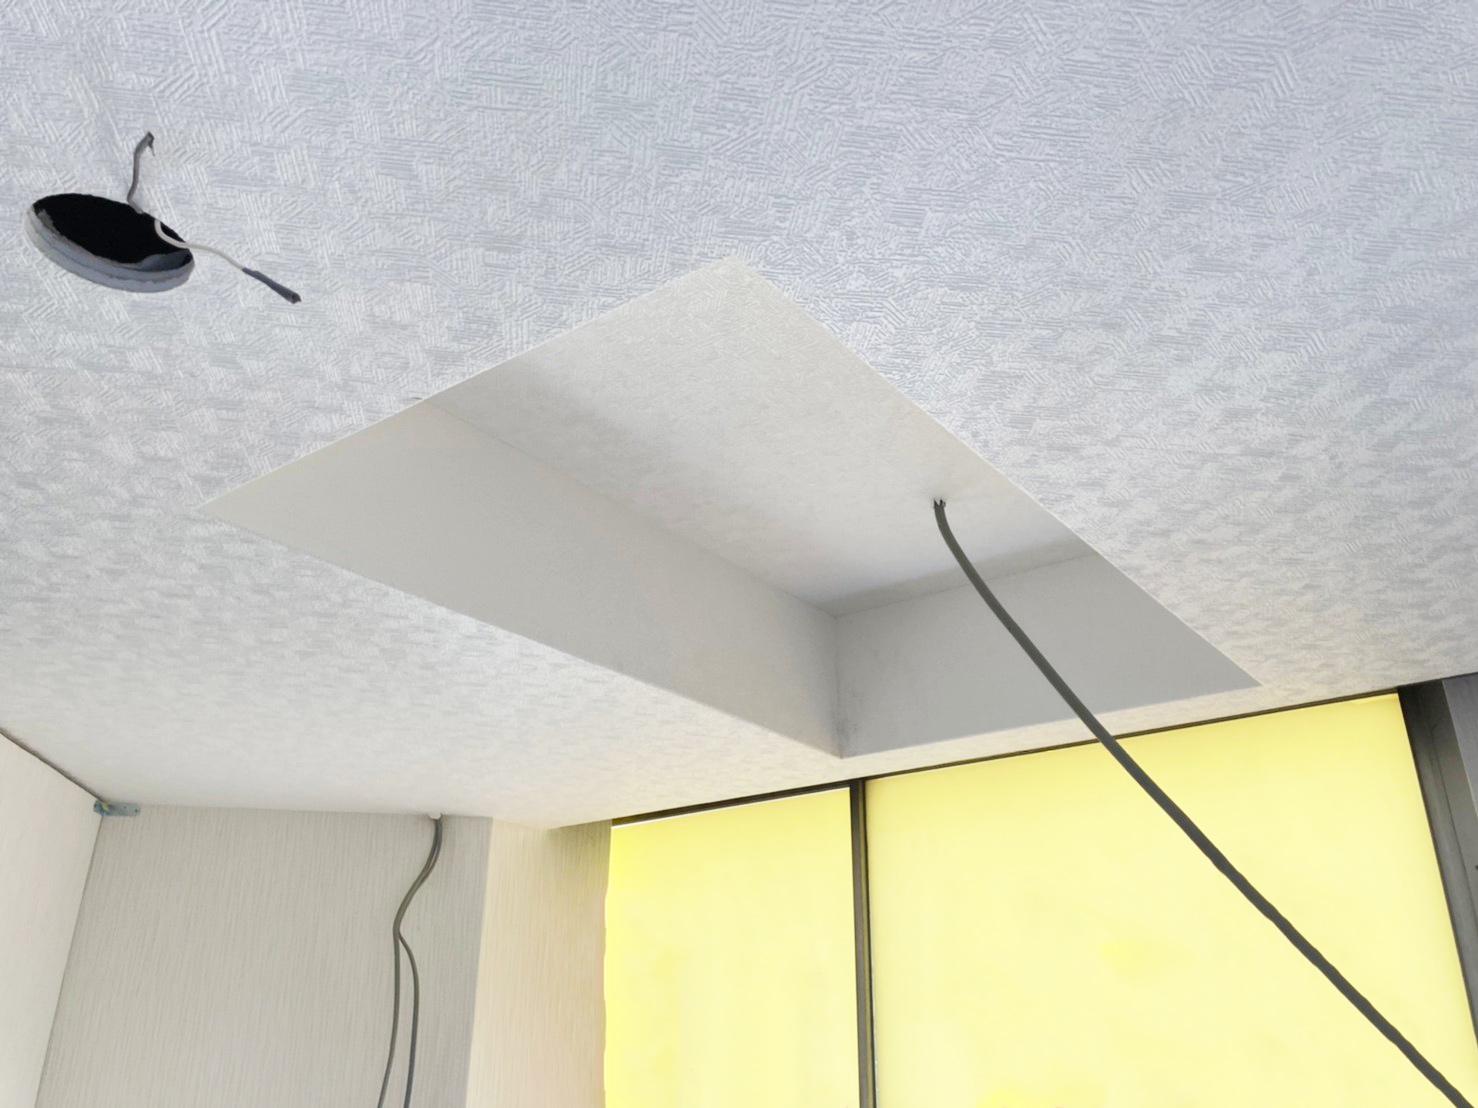 今回の現場は天井が低かったため、小荷物専用昇降機を設置できるように建築工事にてスペースを開けています。